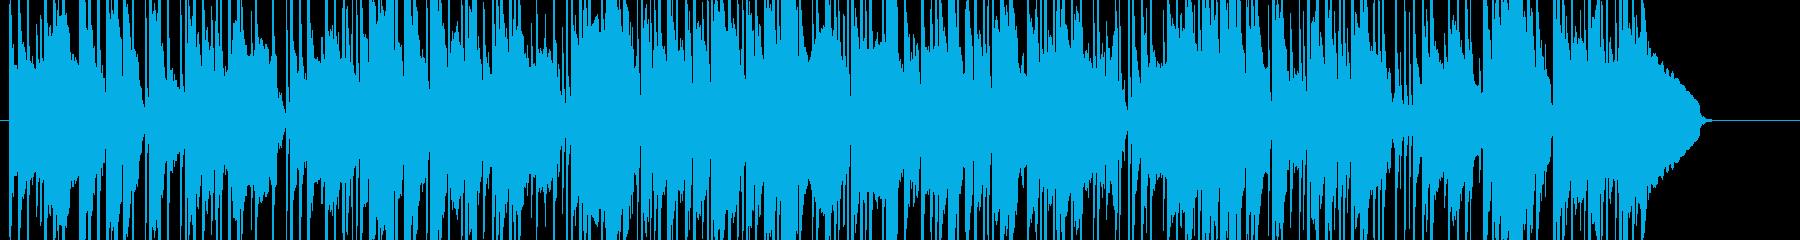 夏祭りをイメージした和楽器BGMの再生済みの波形